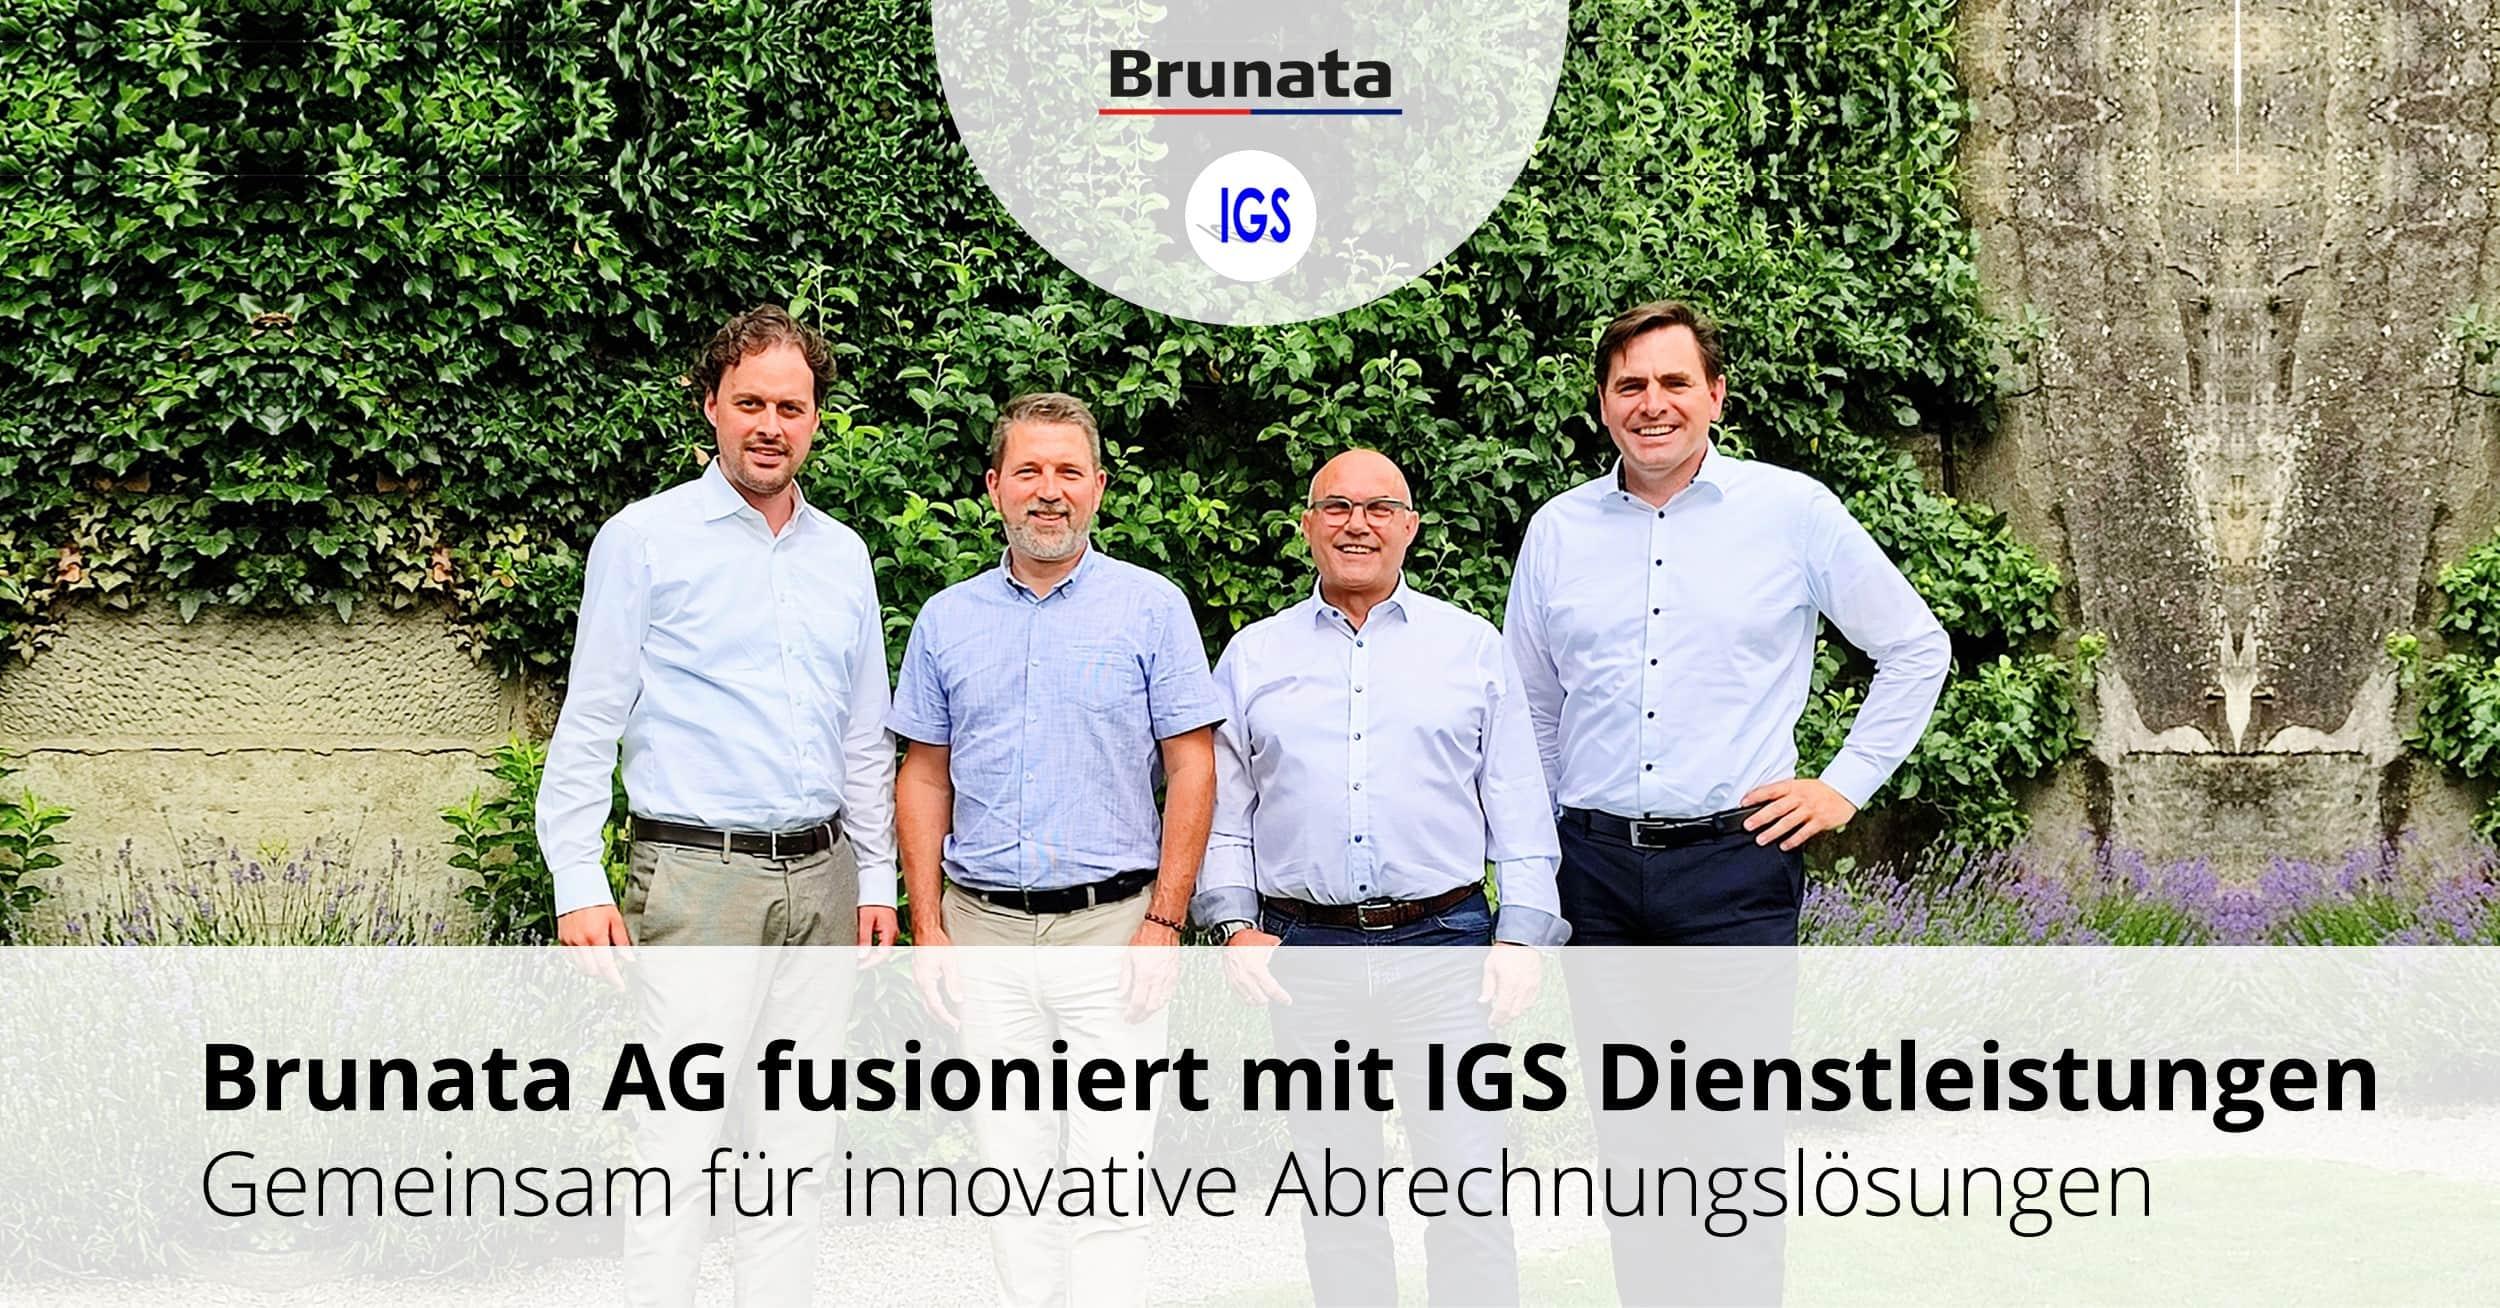 Brunata AG fusioniert mit IGS Dienstleistungen AG